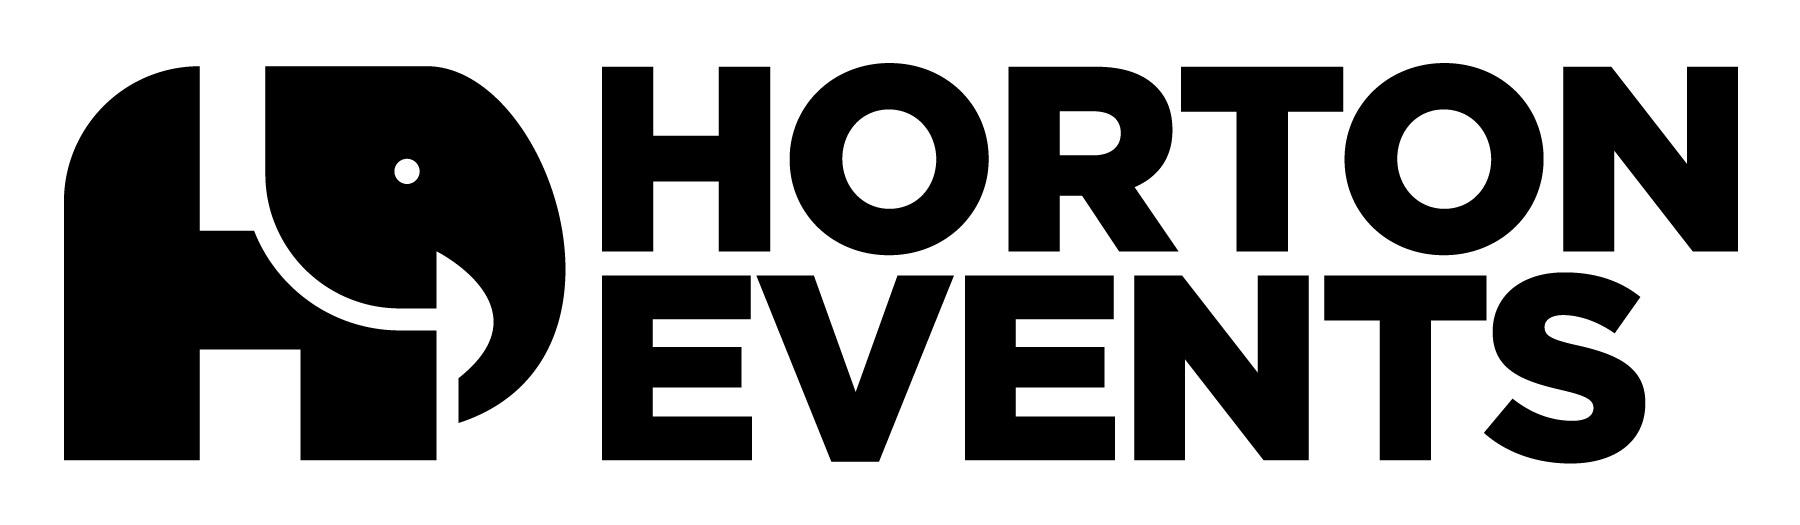 Unique Event Spaces in Nashville By Horton Events